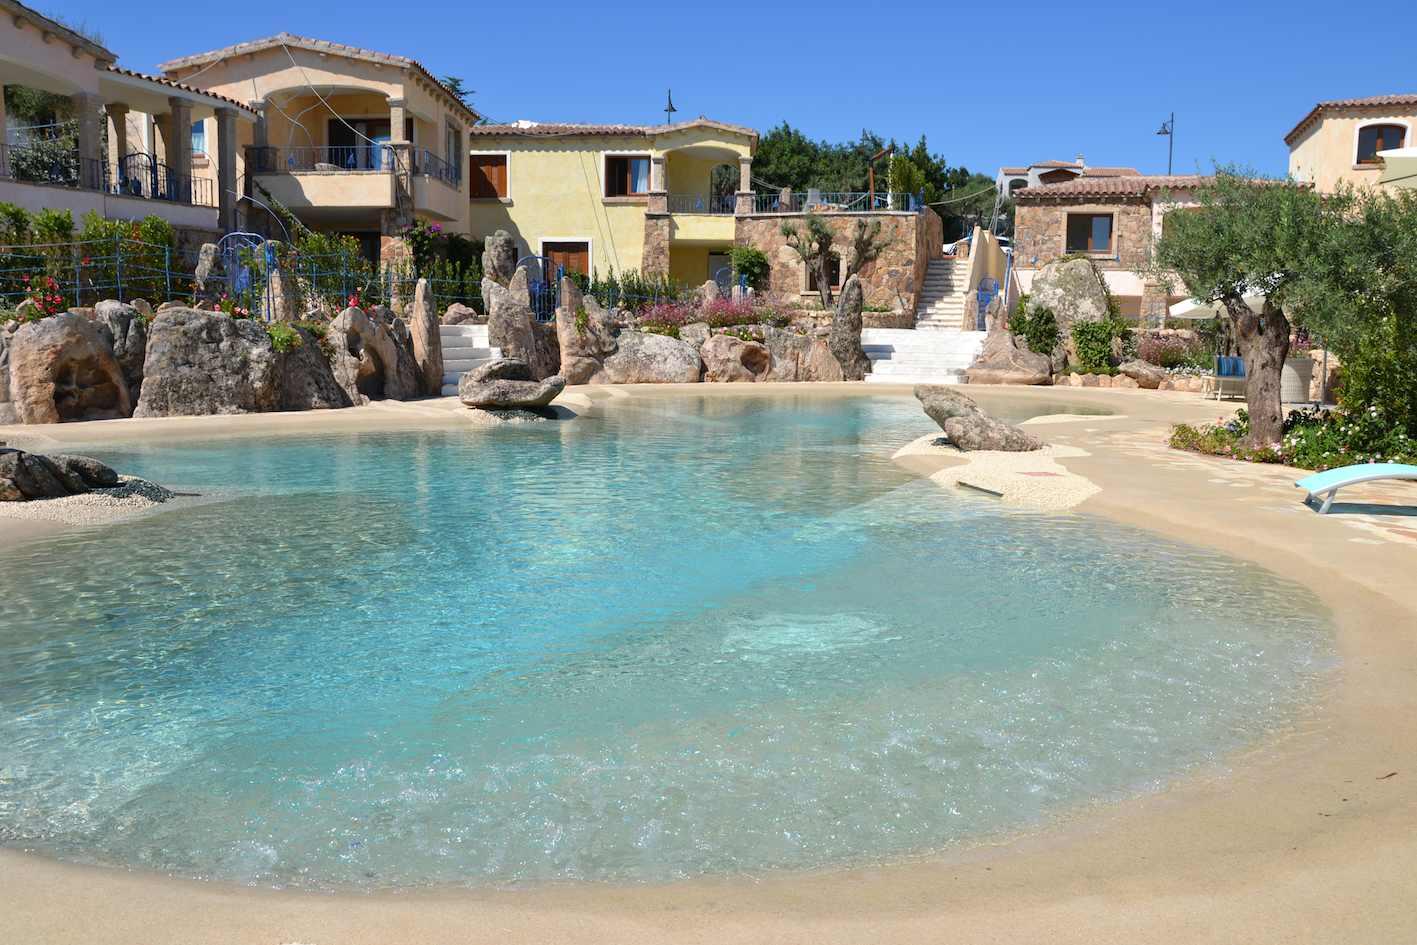 Villa tavolara - Immagini ville con piscina ...